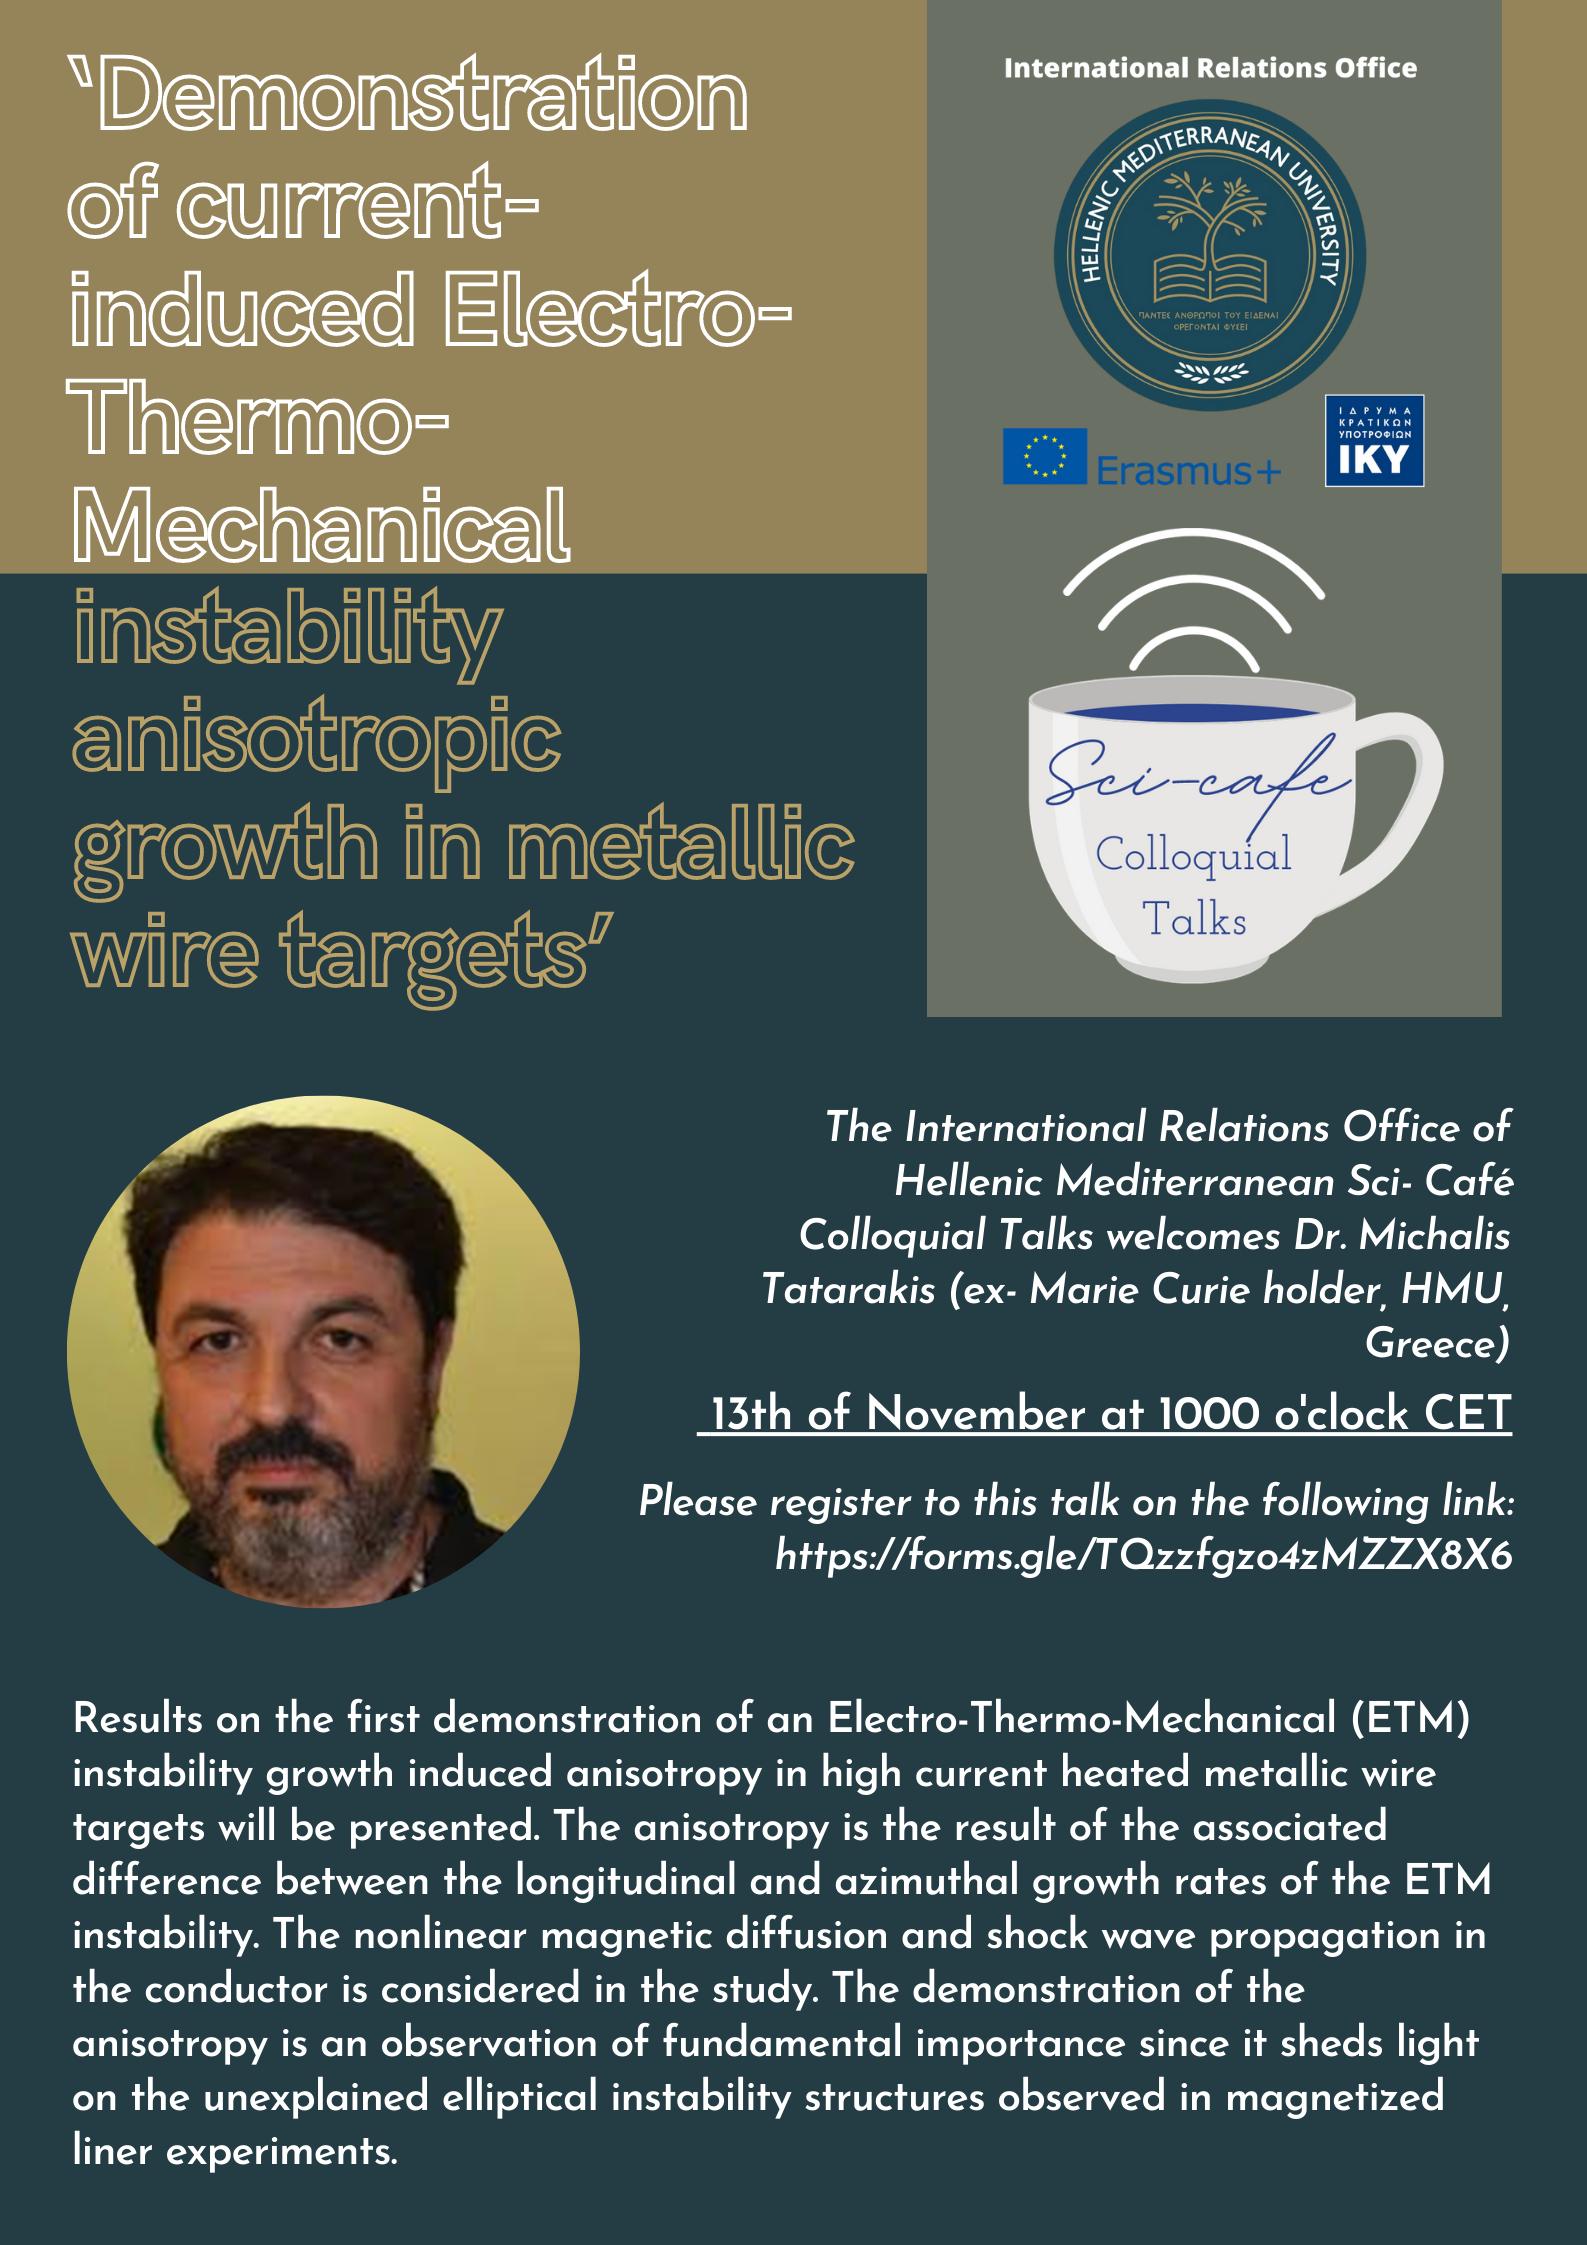 Ομιλία Καθηγητή Μιχάλη Ταταράκη, Παρασκευή 13 Νοεμβρίου στις 1100 ΠΜ